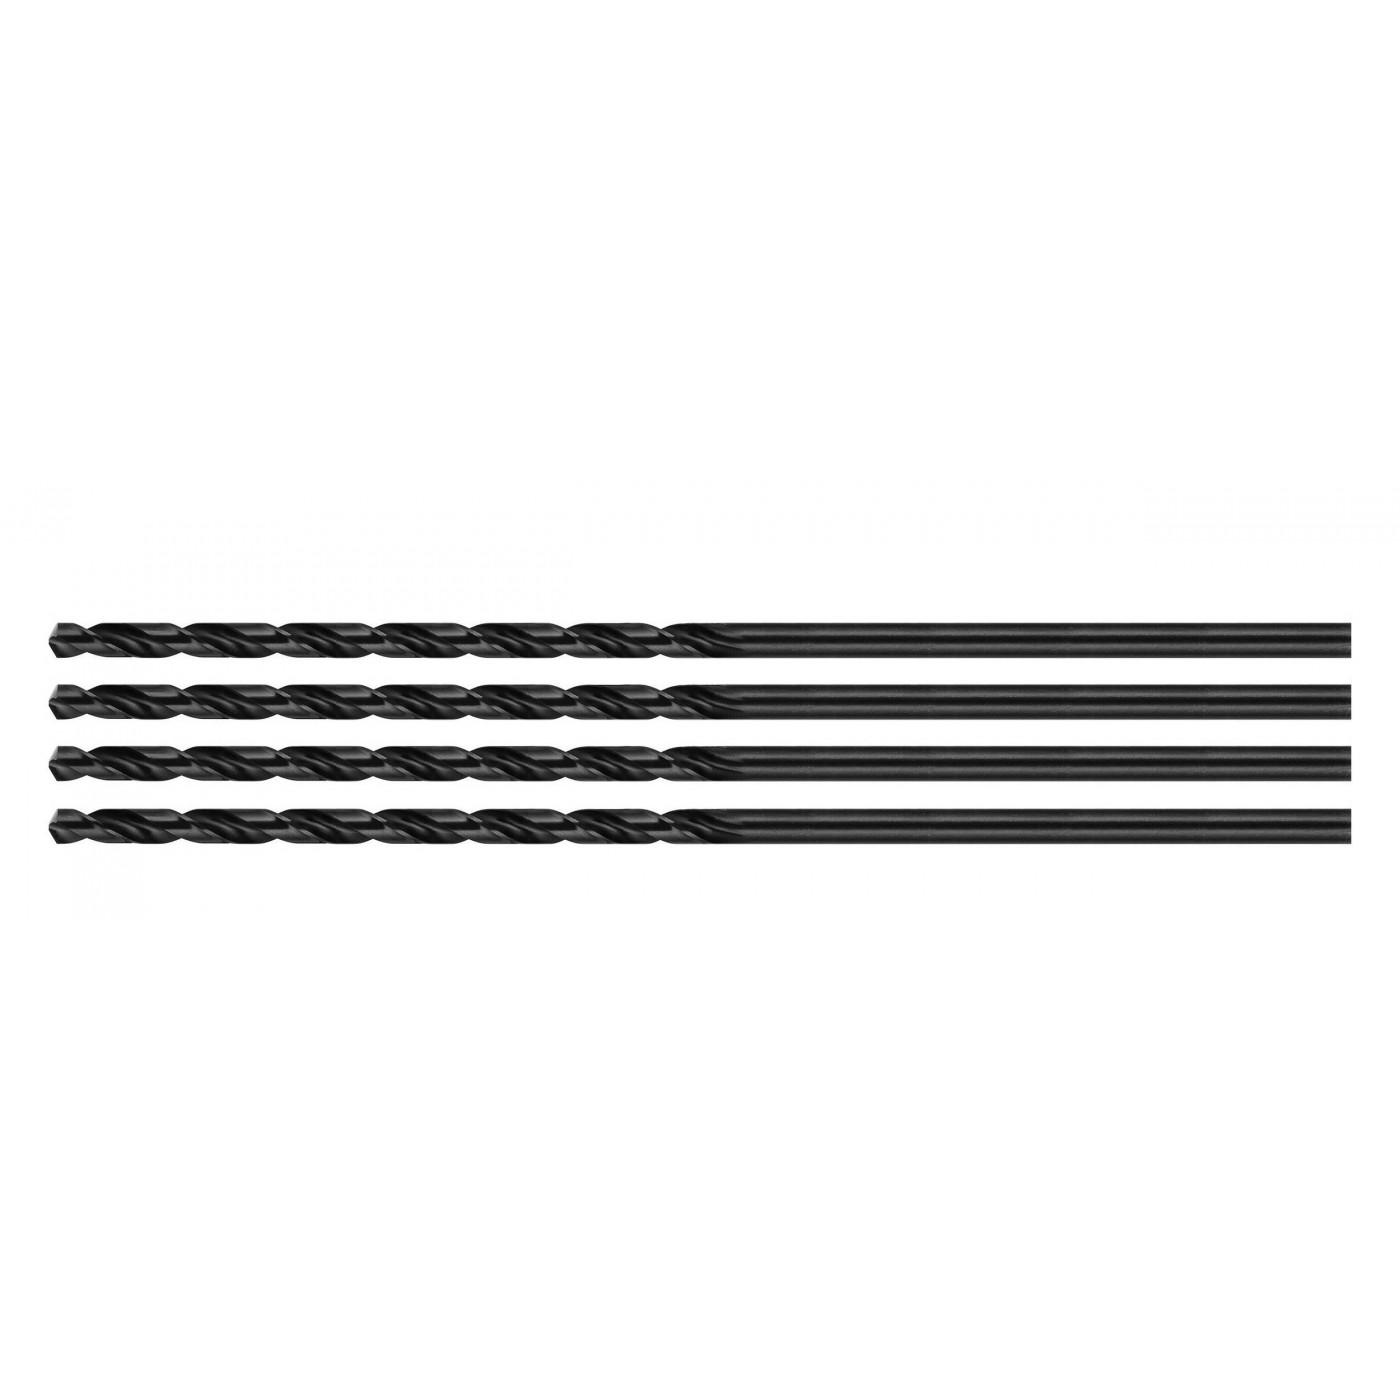 Conjunto de 4 brocas de metal, extra-longas (5,2x300 mm)  - 1